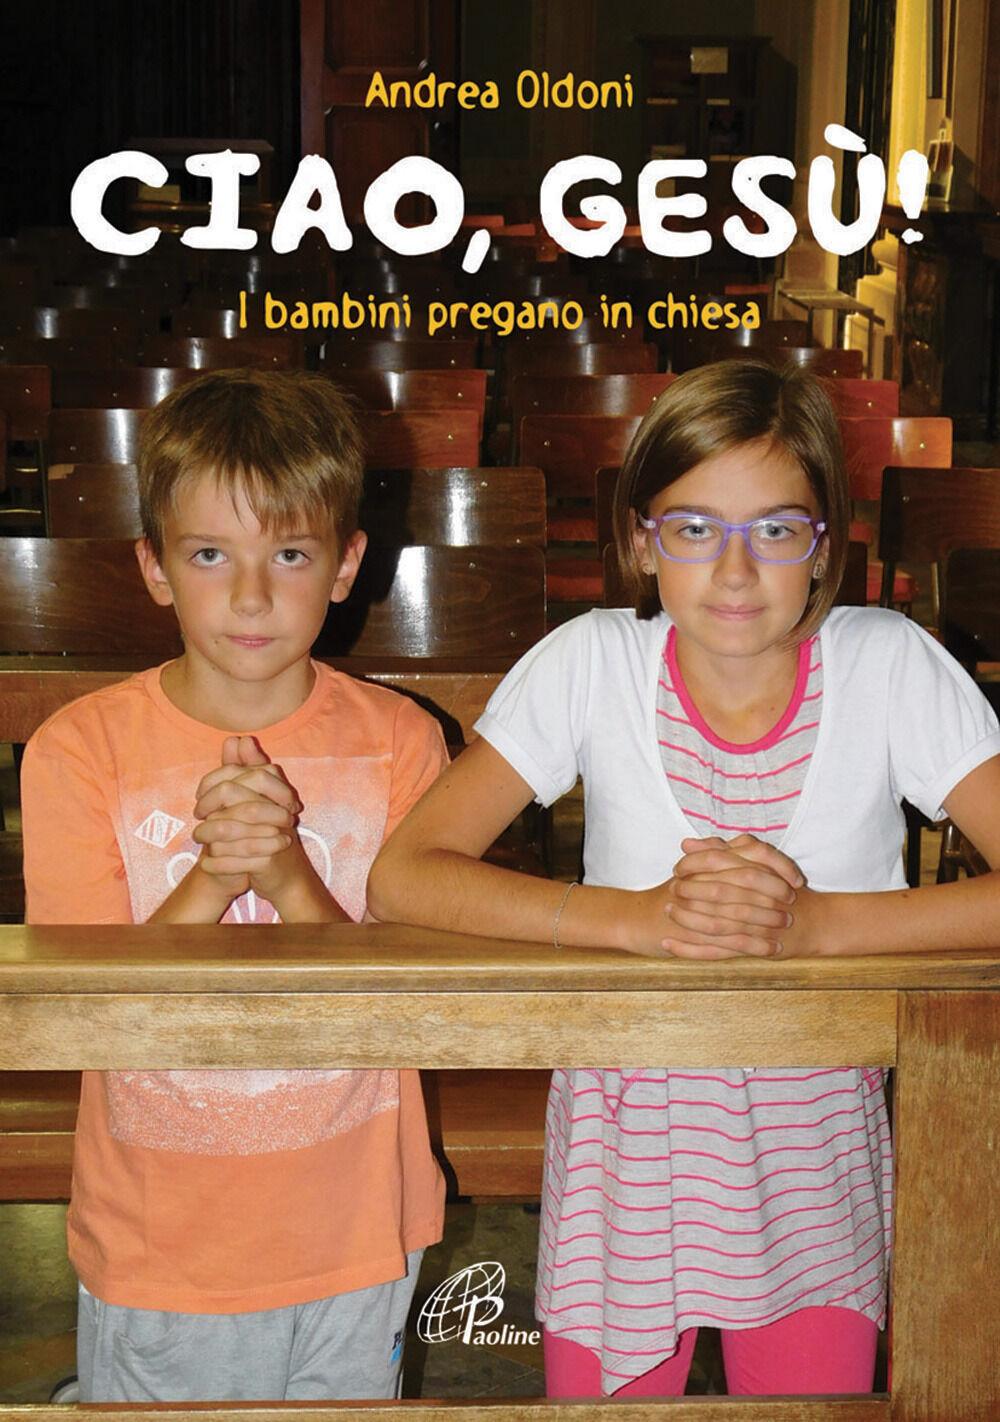 Ciao Gesù! I bambini pregano in chiesa